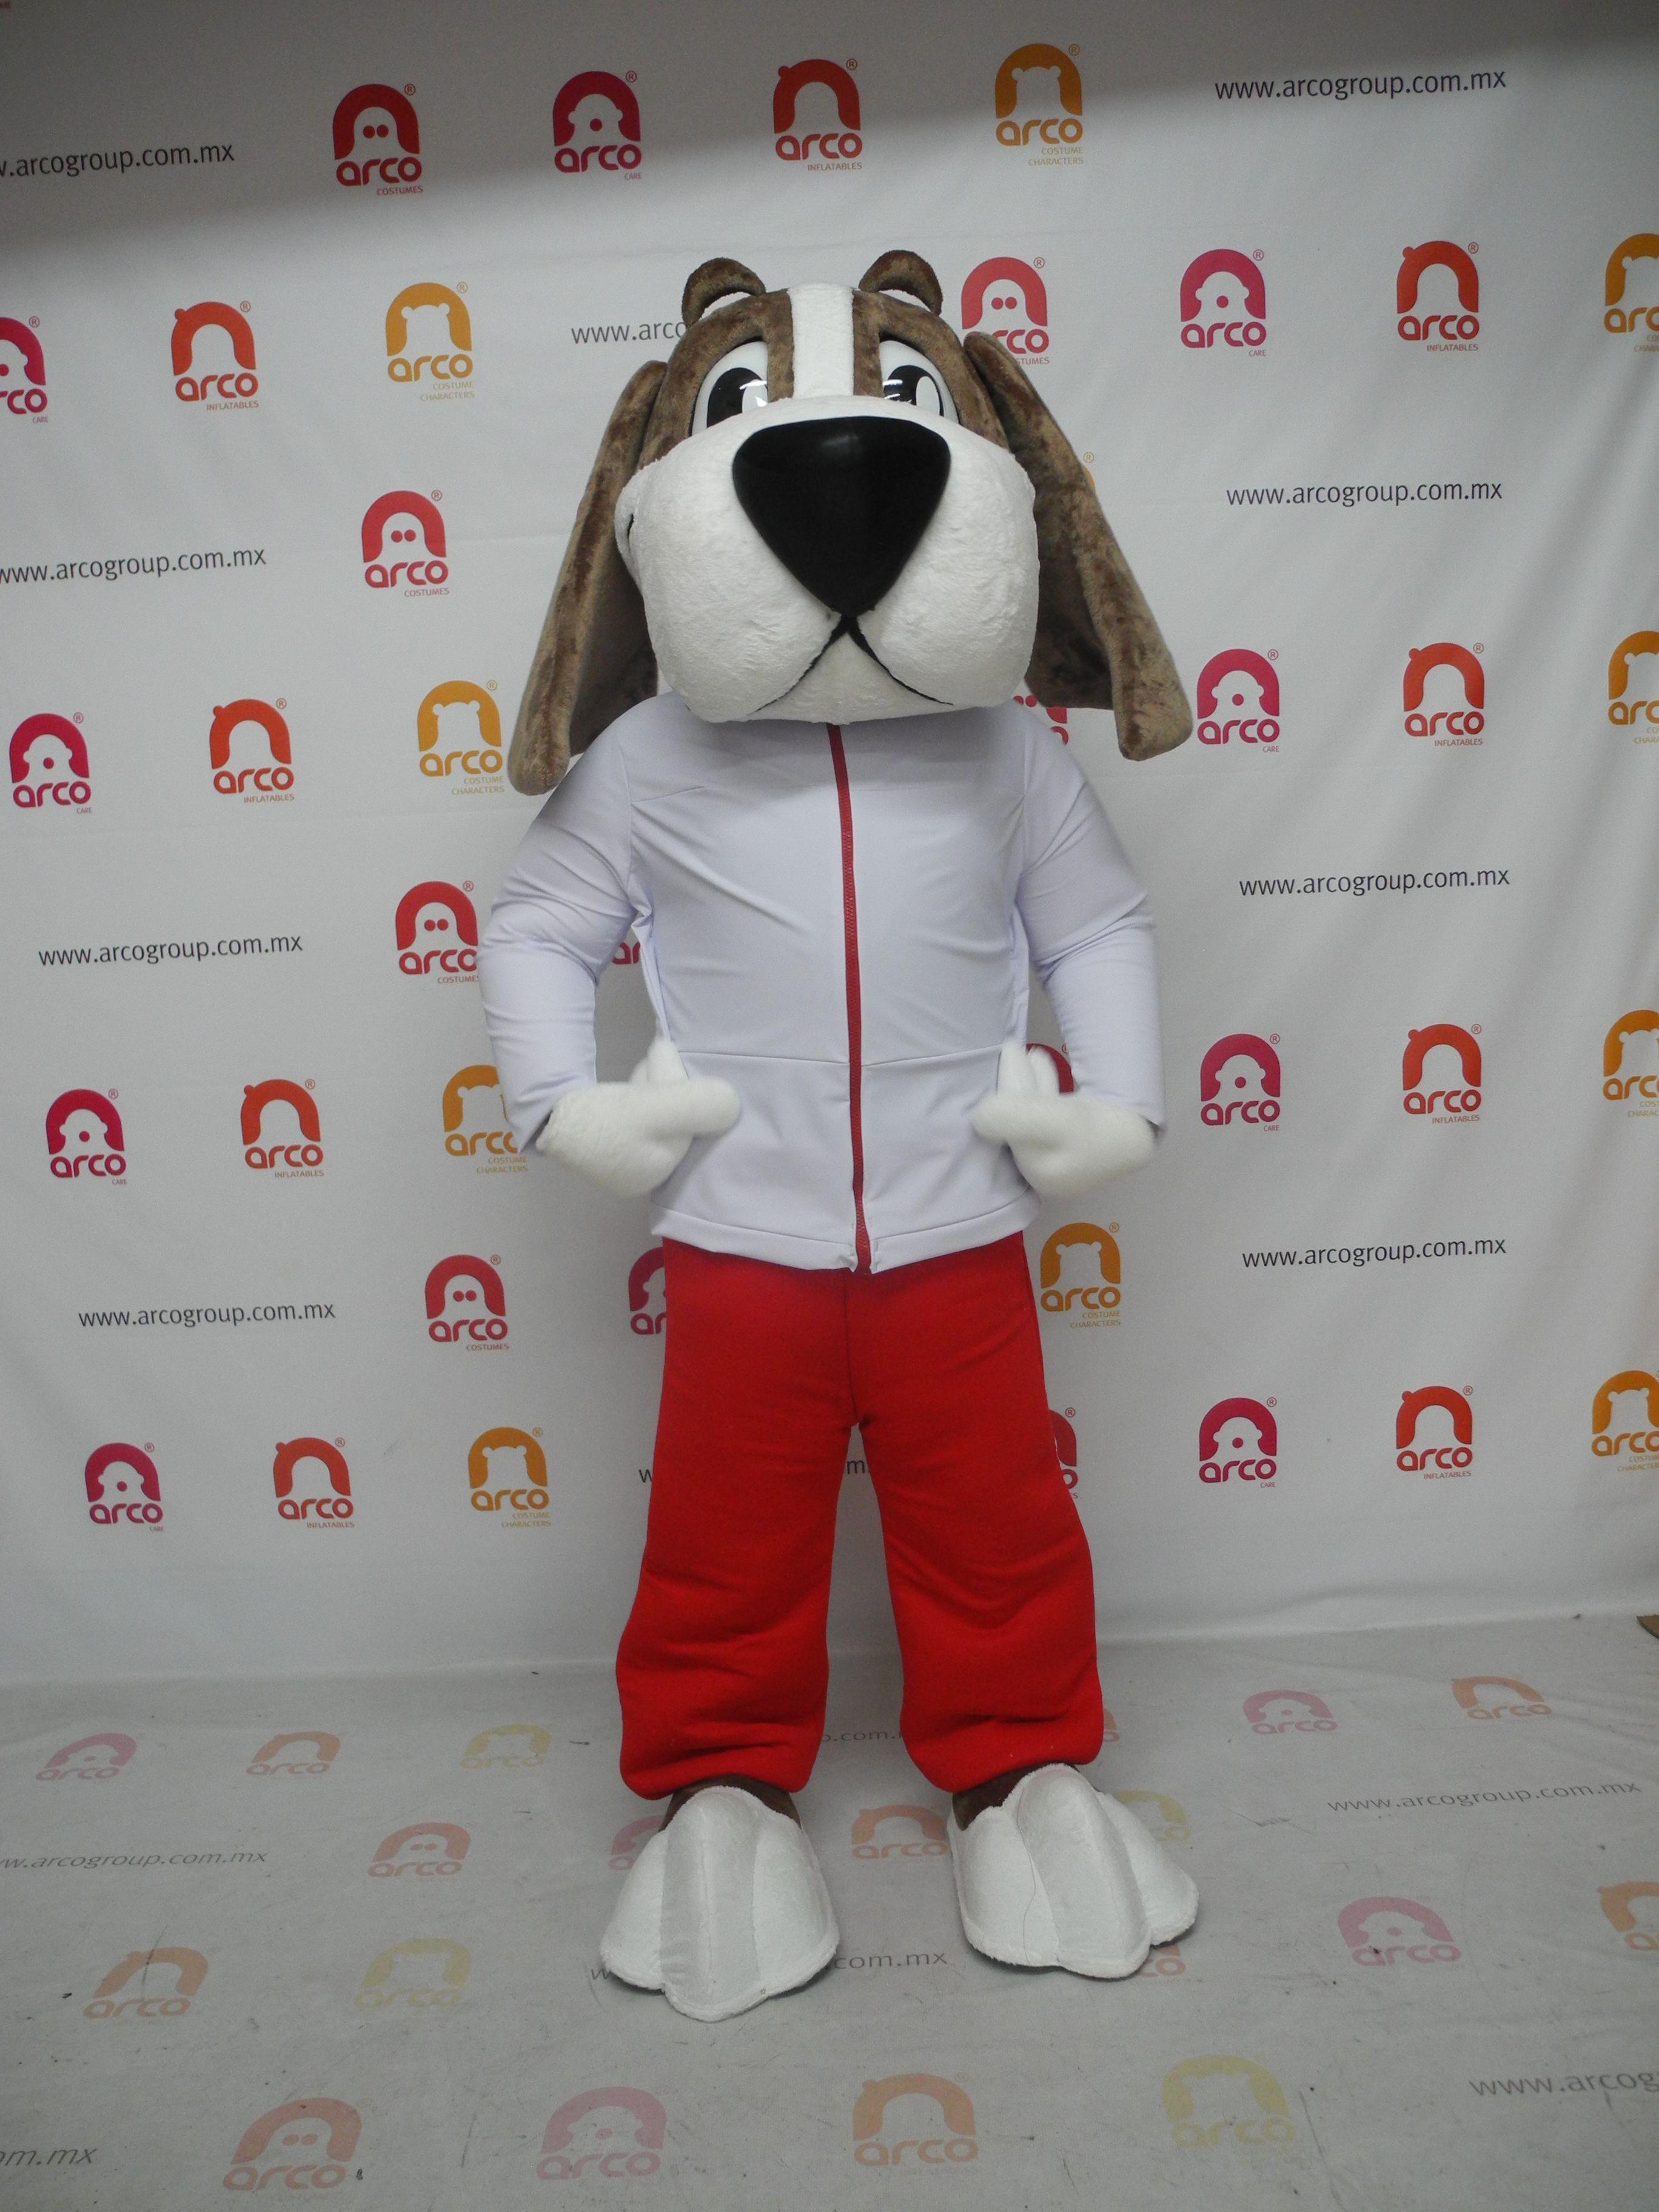 Botargas profesionales en venta  para lograr incrementar tu ventas, reconocimiento de marca y vinculo emocional. asesoria GRATIS. Somos el único estudio en México especializado en Marketainment. #mascots #costumeCharacters #manufacture